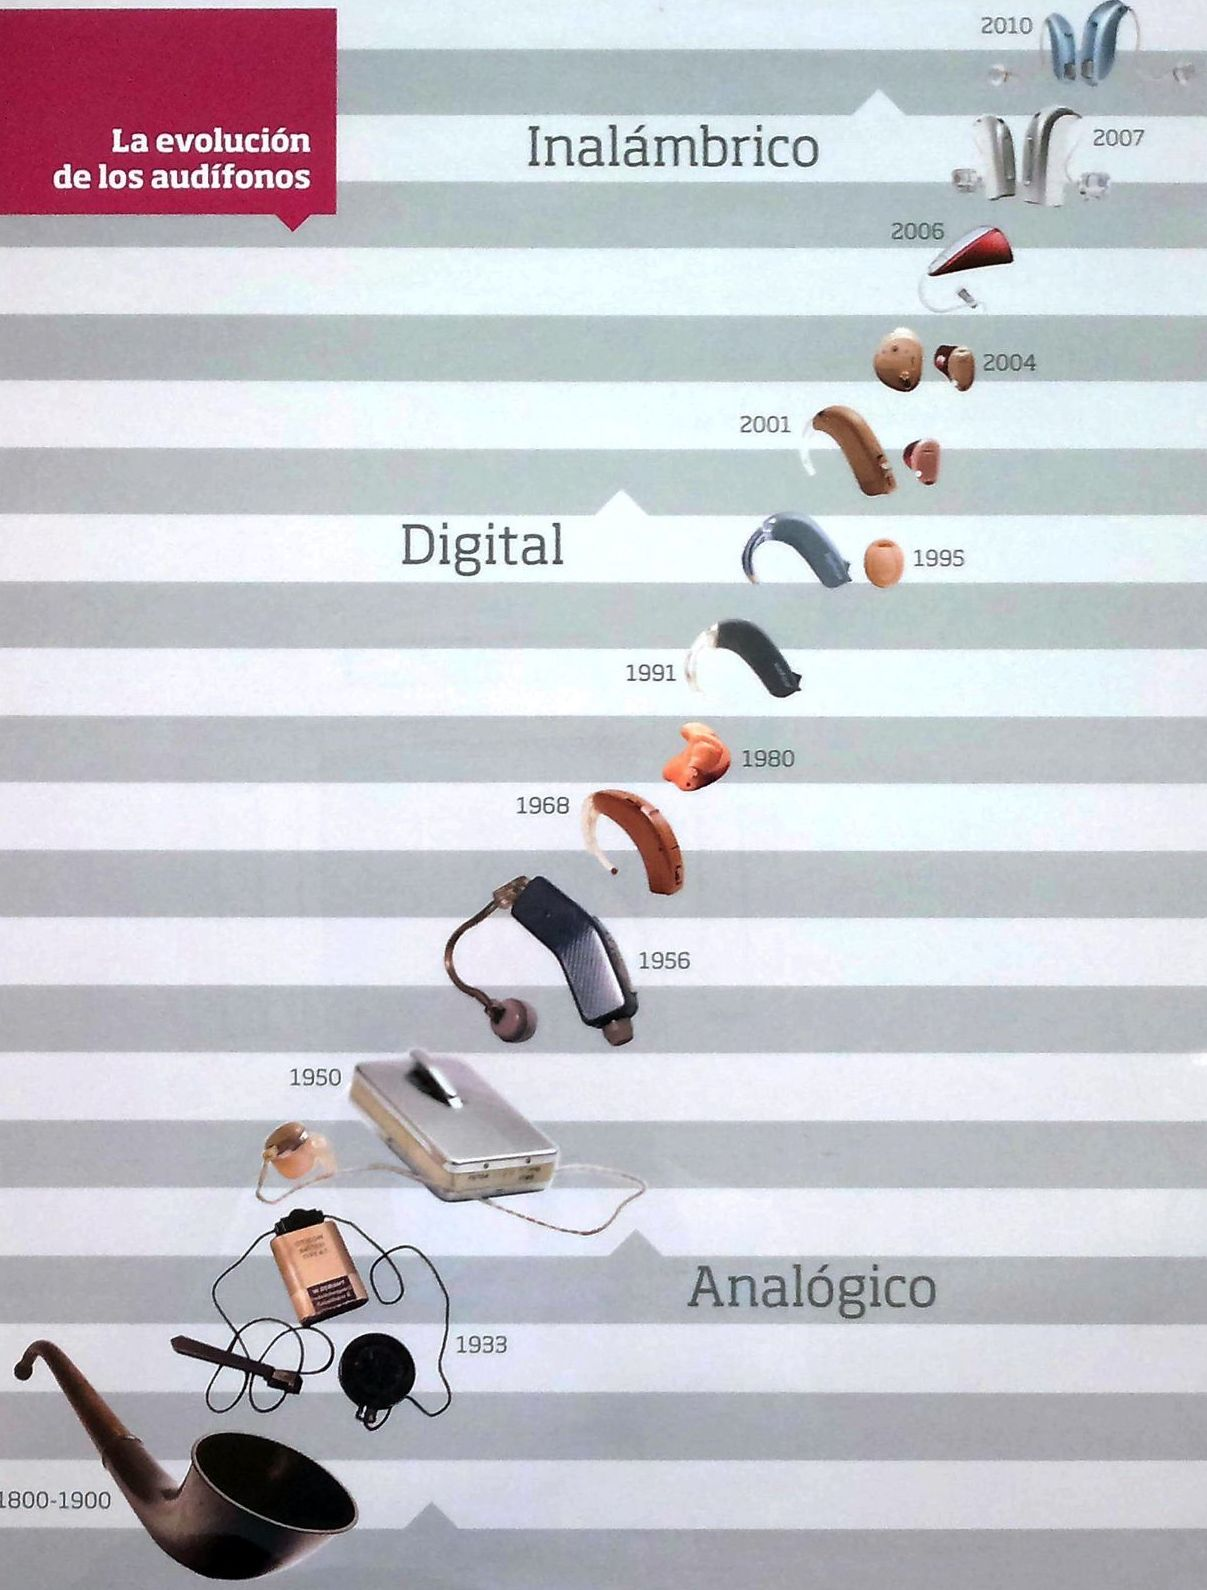 La evolución de los audífonos.